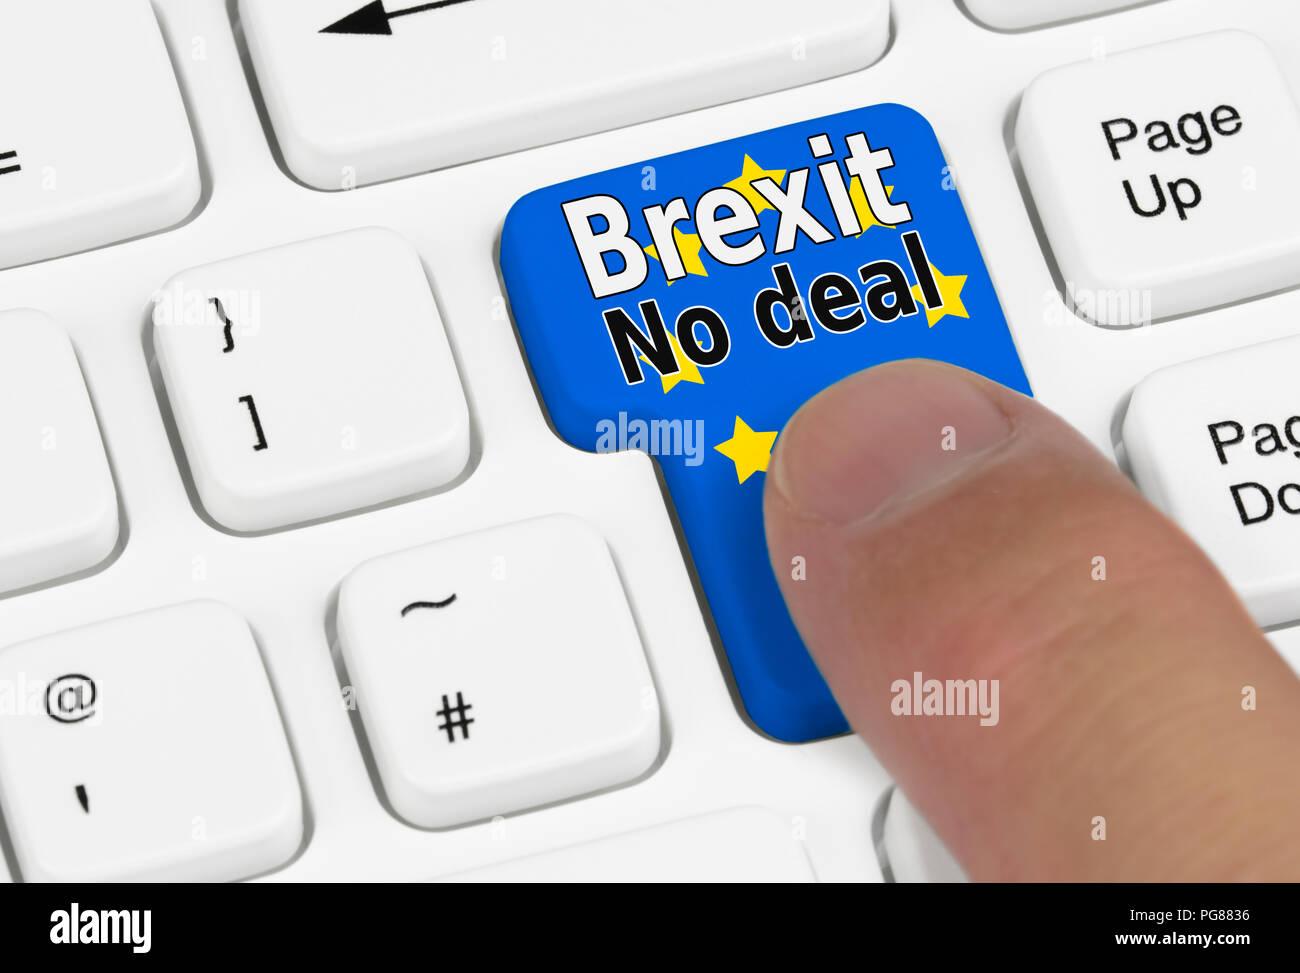 Premendo un Brexit nessun bottone Deal su una tastiera. Brexit alcun concetto di trattativa. Lasciando UE con nessuna trattativa. Immagini Stock